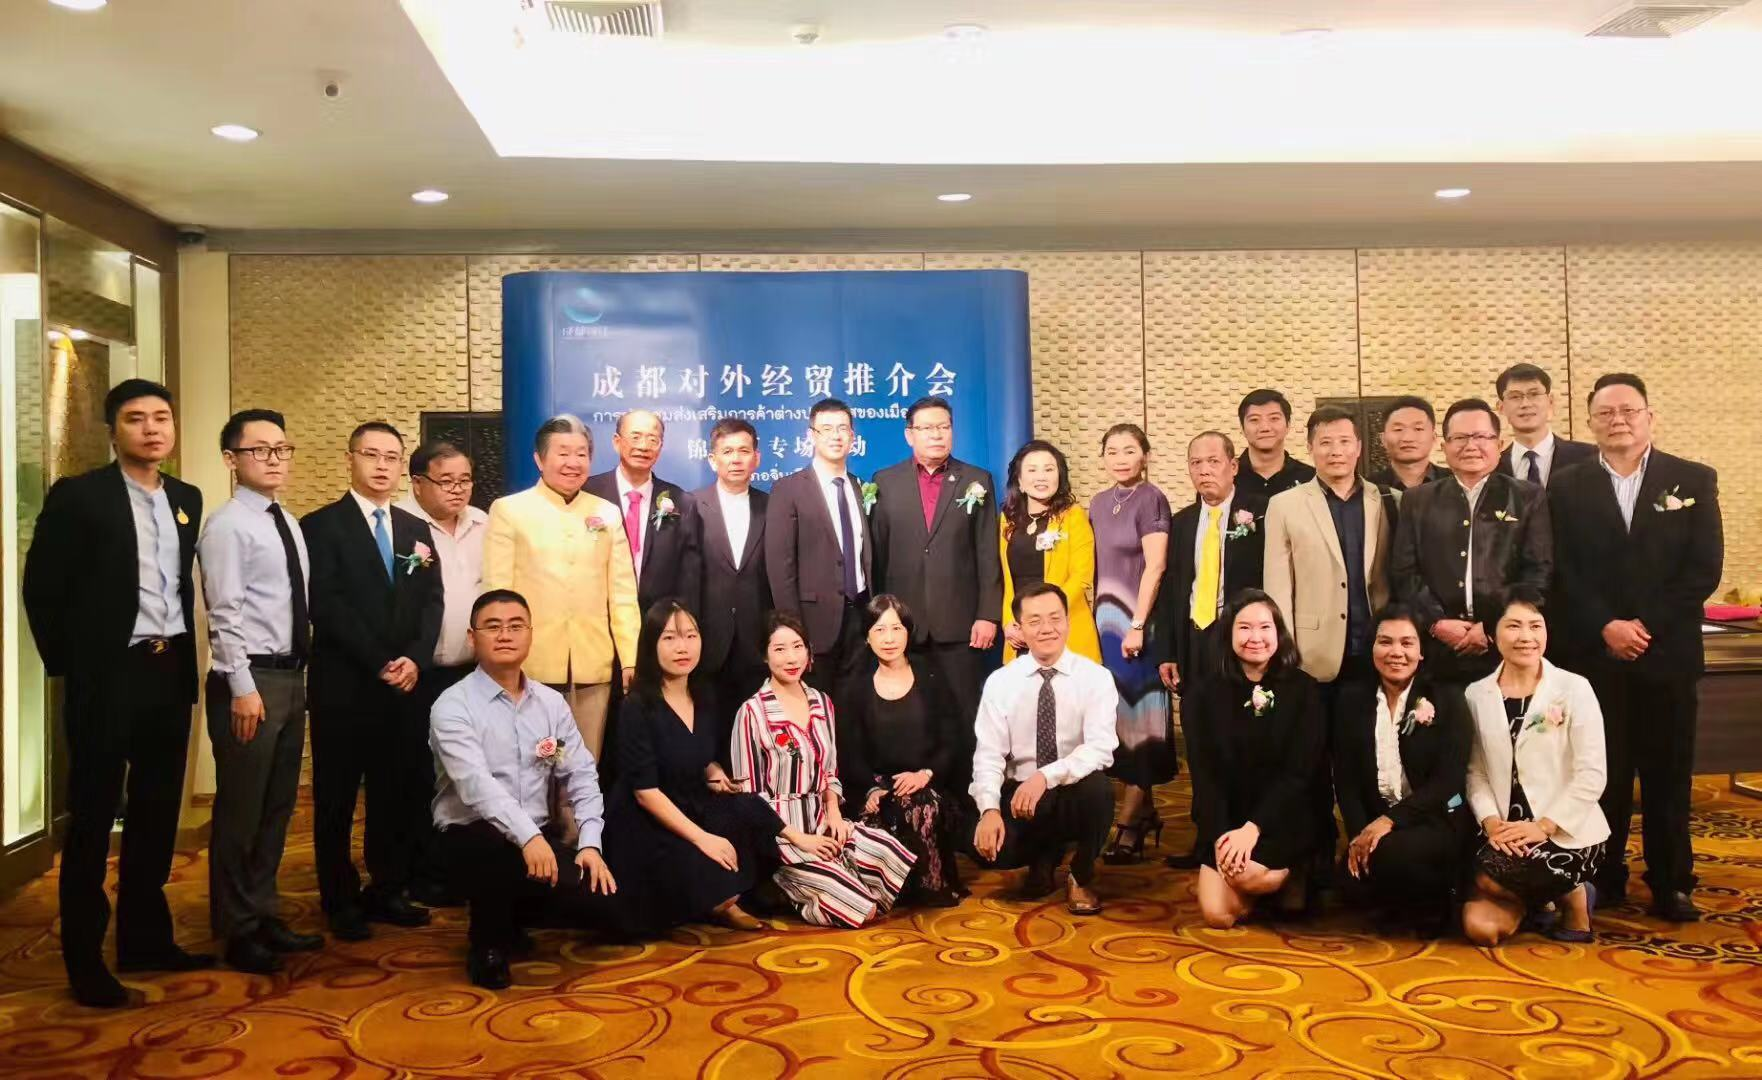 2019成都对外经贸推介会--锦江区专场活动近日在曼谷举行